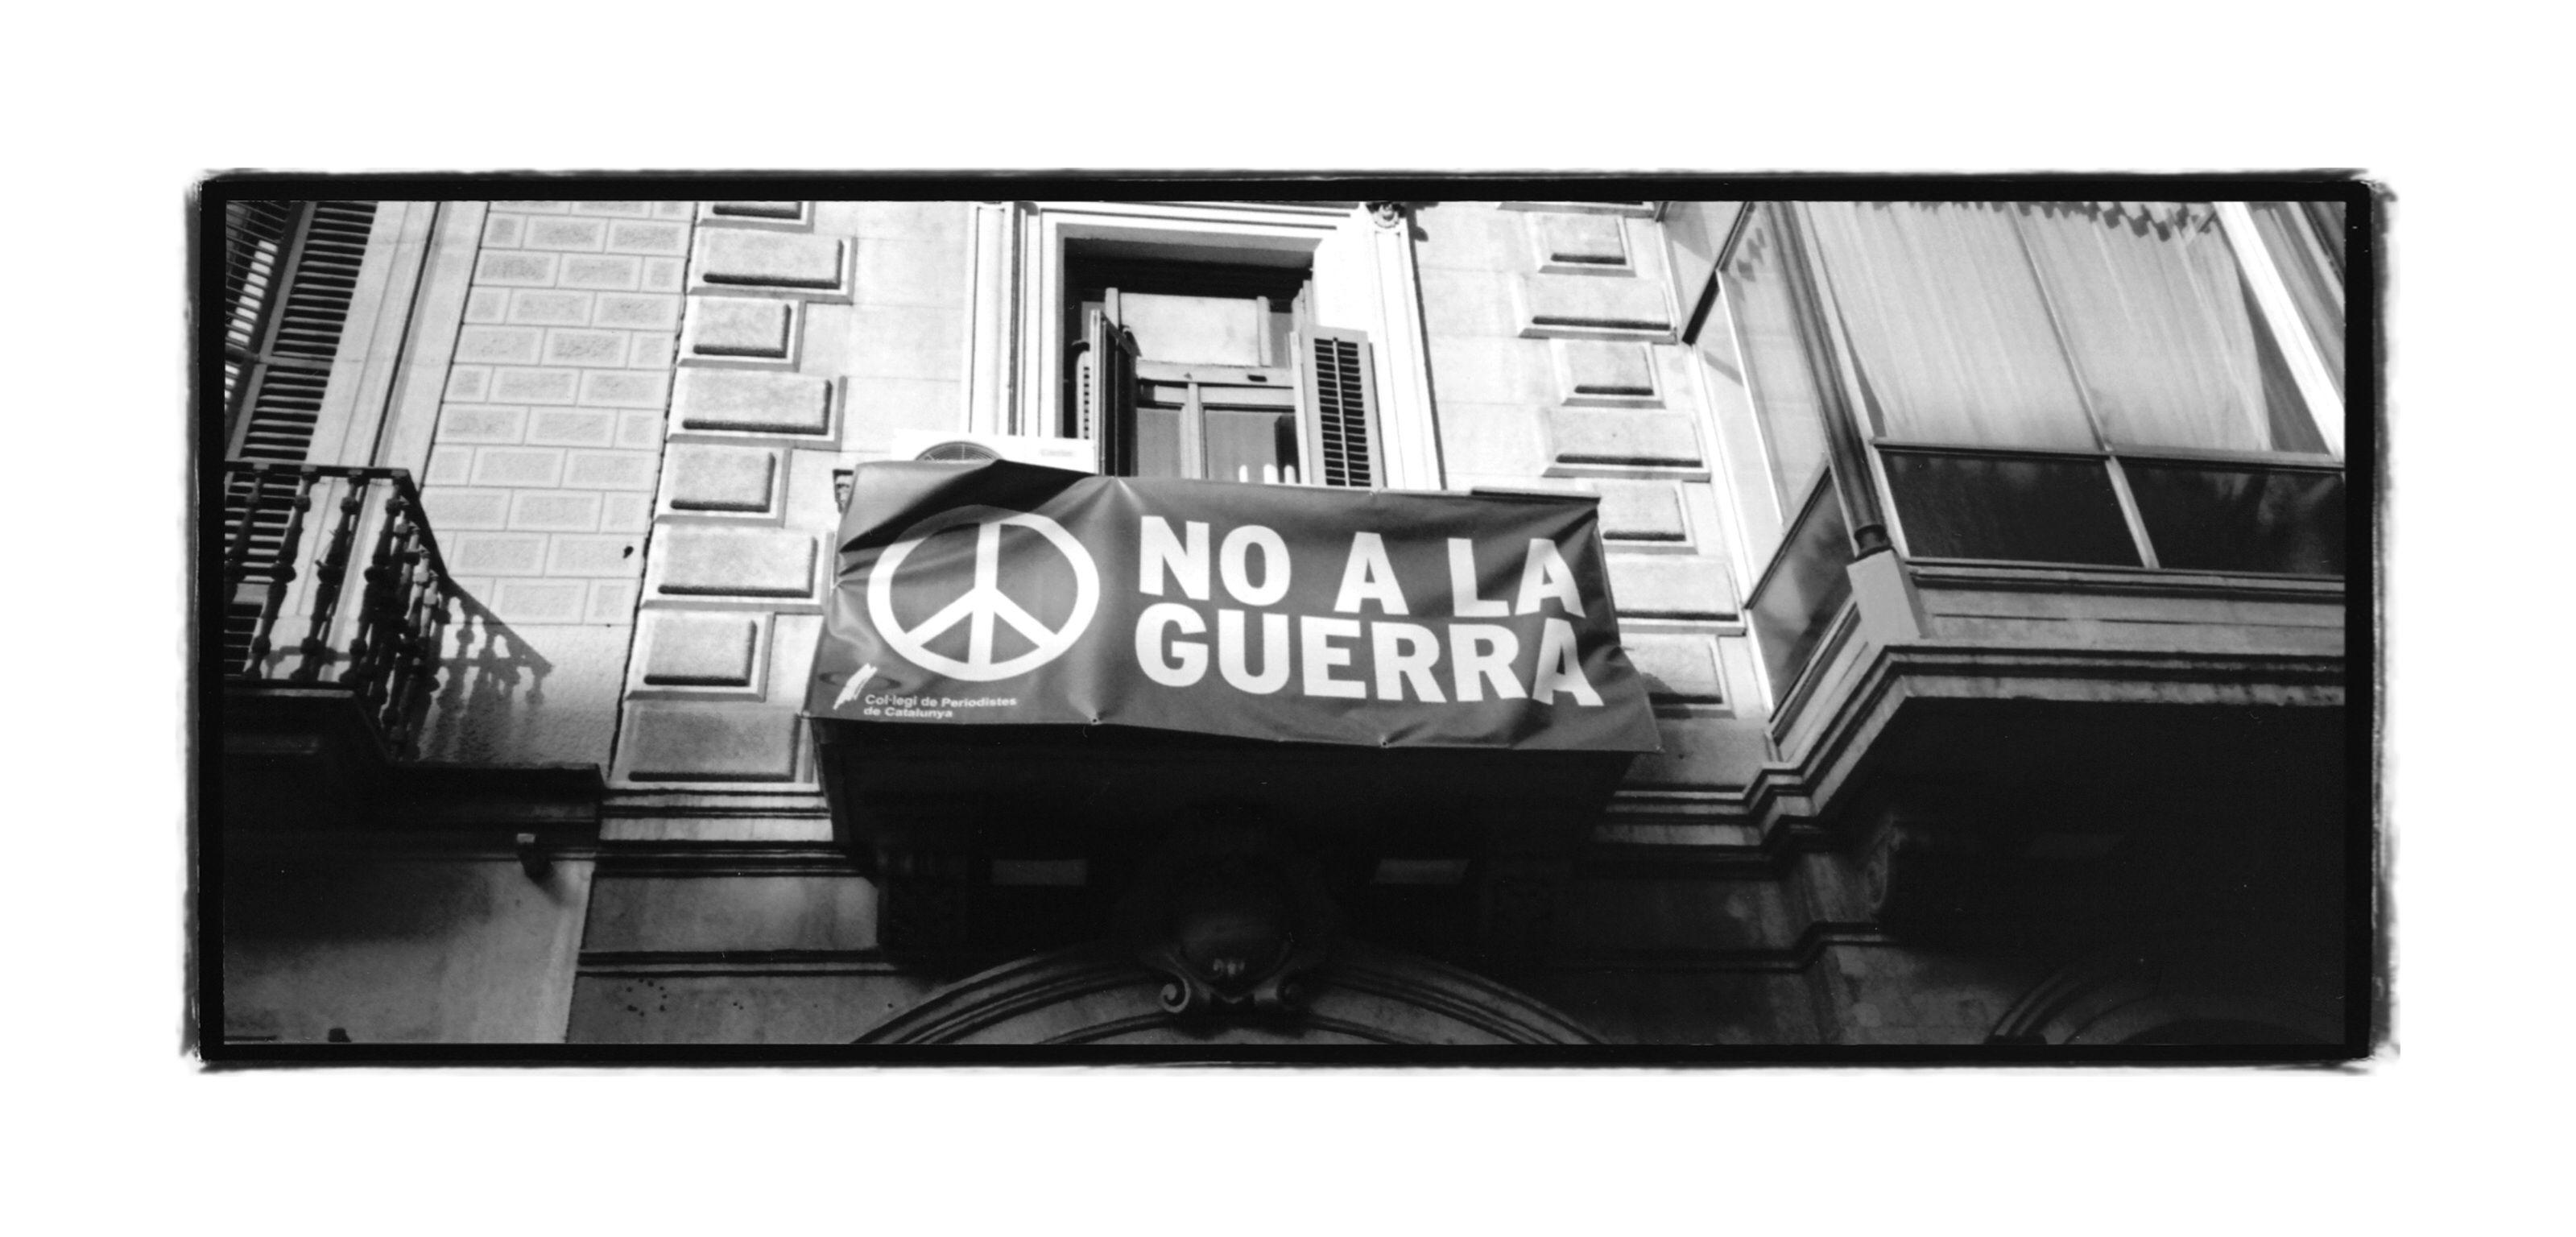 Iconos Modificados Del Mobiliario Urbano De Barcelona Por